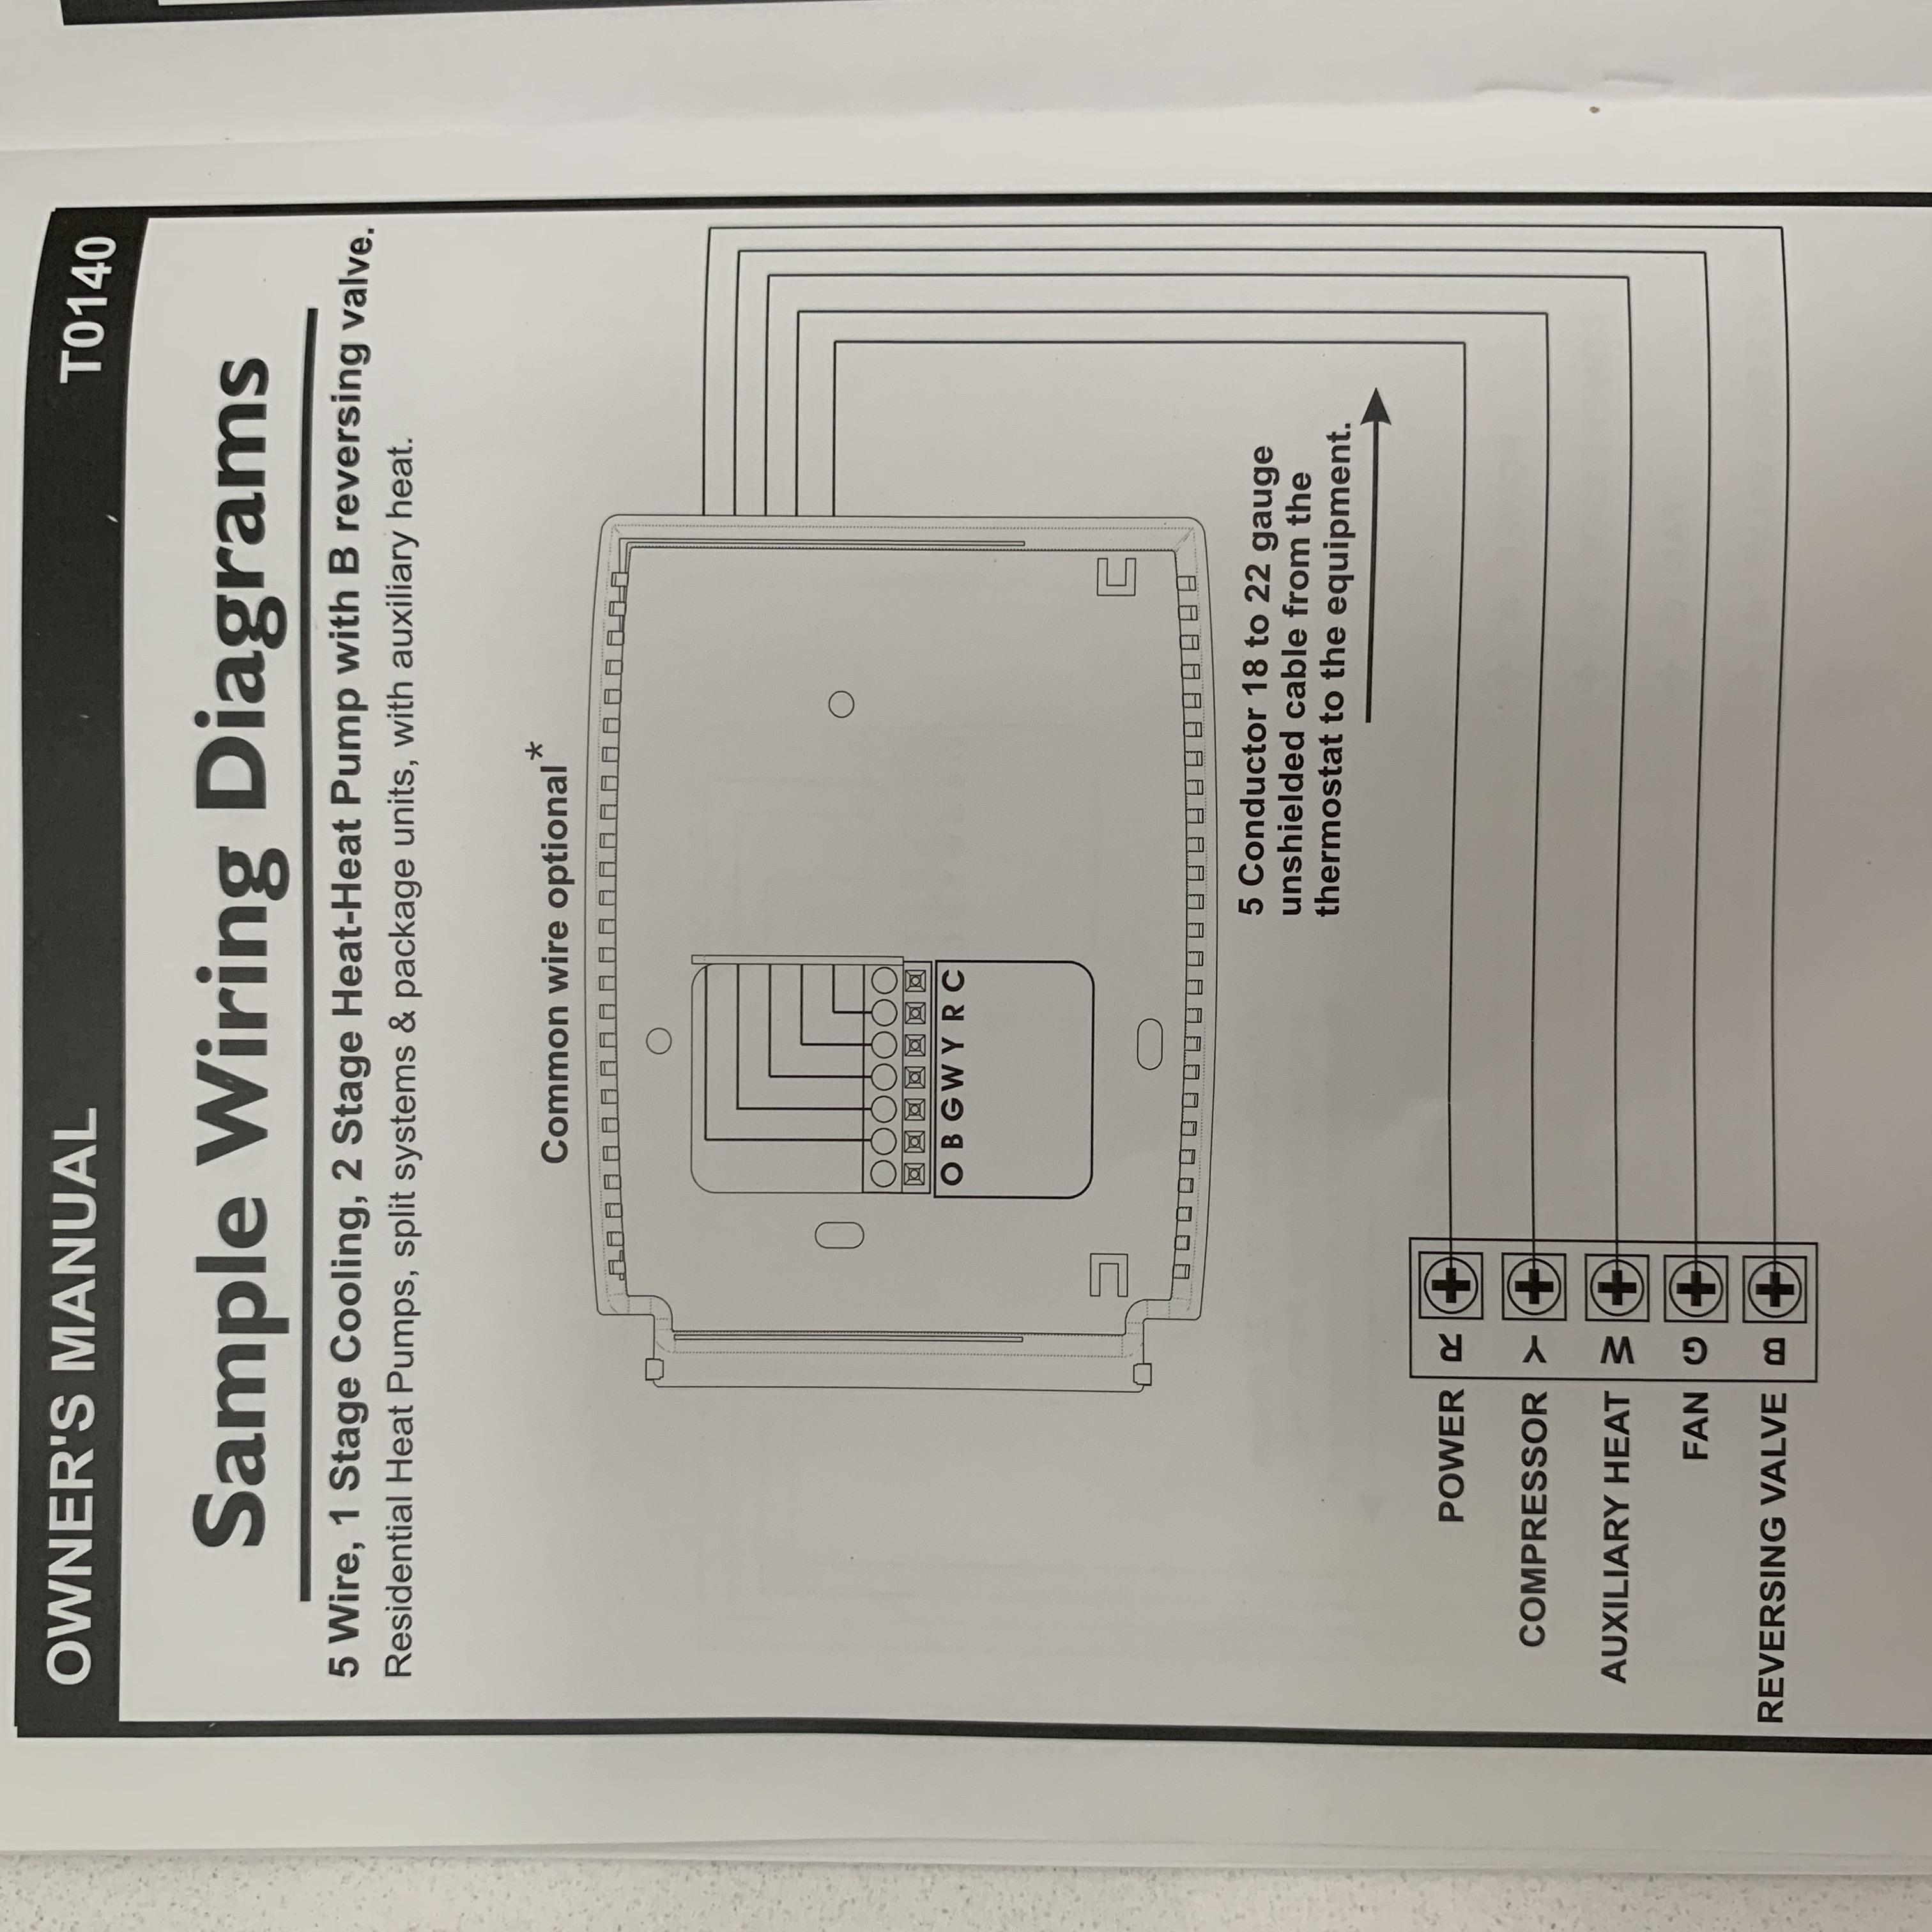 2 Stage Heat Pump Thermostat Wiring